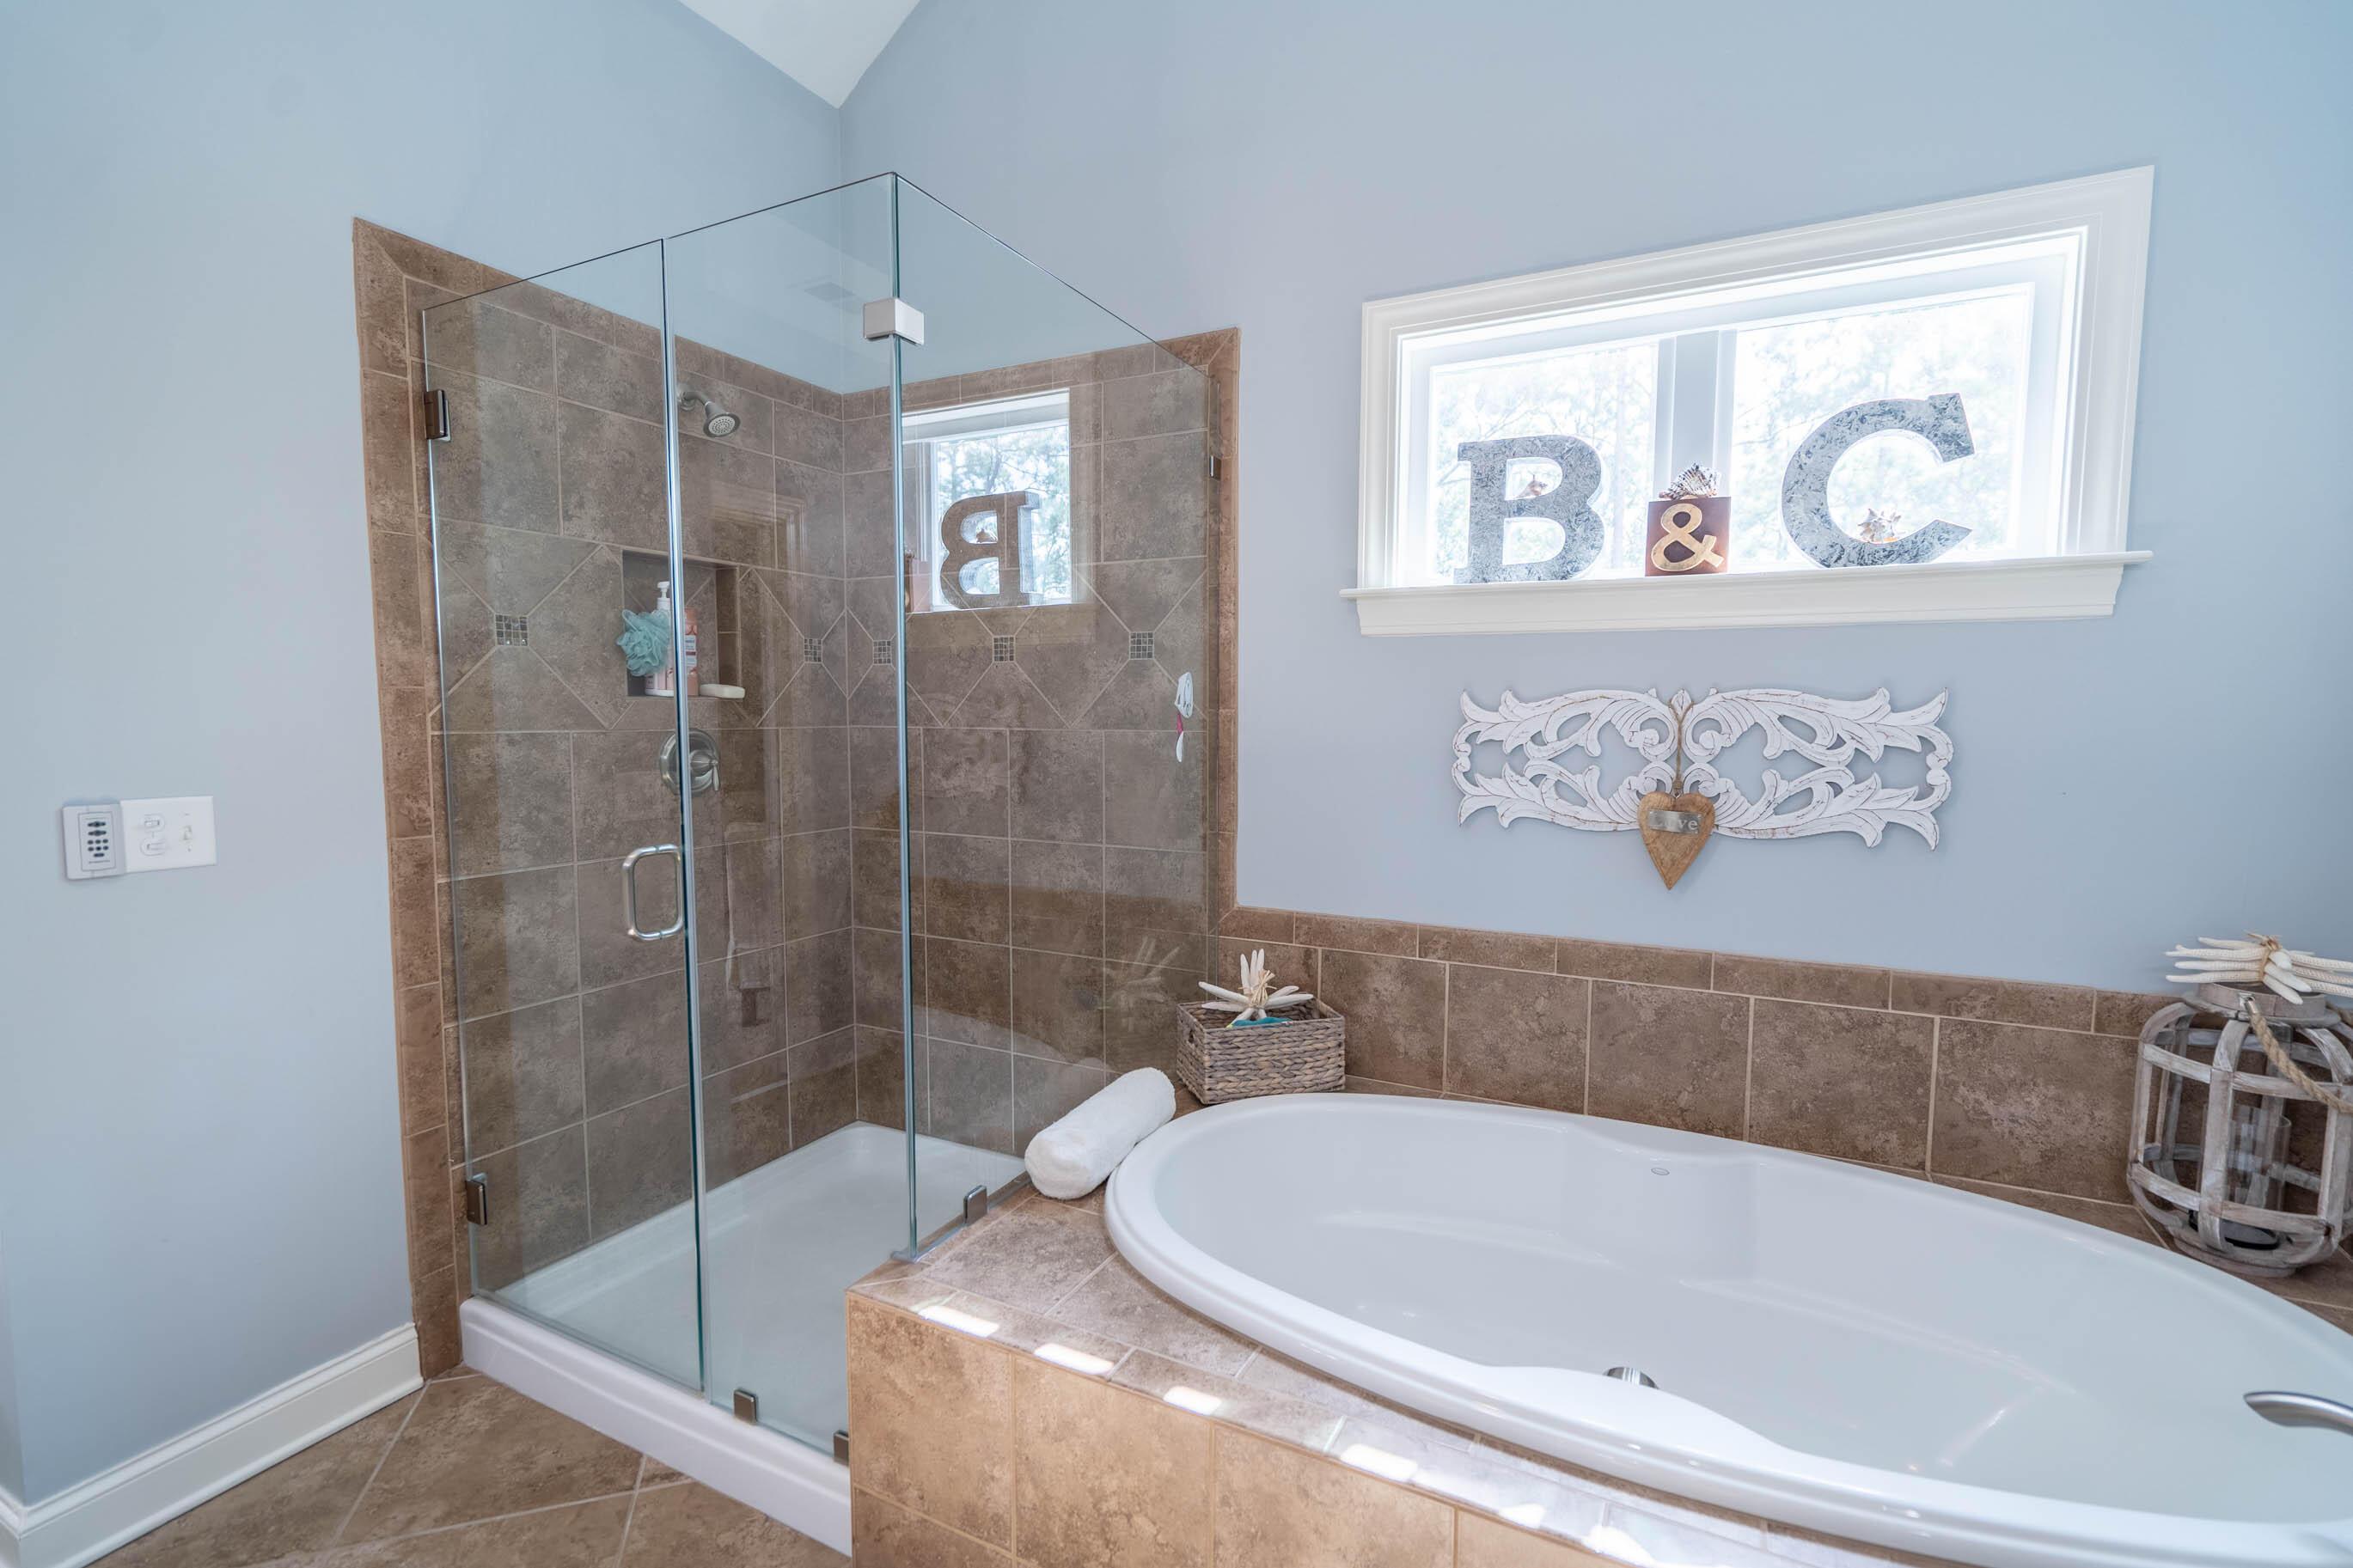 Dunes West Homes For Sale - 2997 Sturbridge, Mount Pleasant, SC - 47